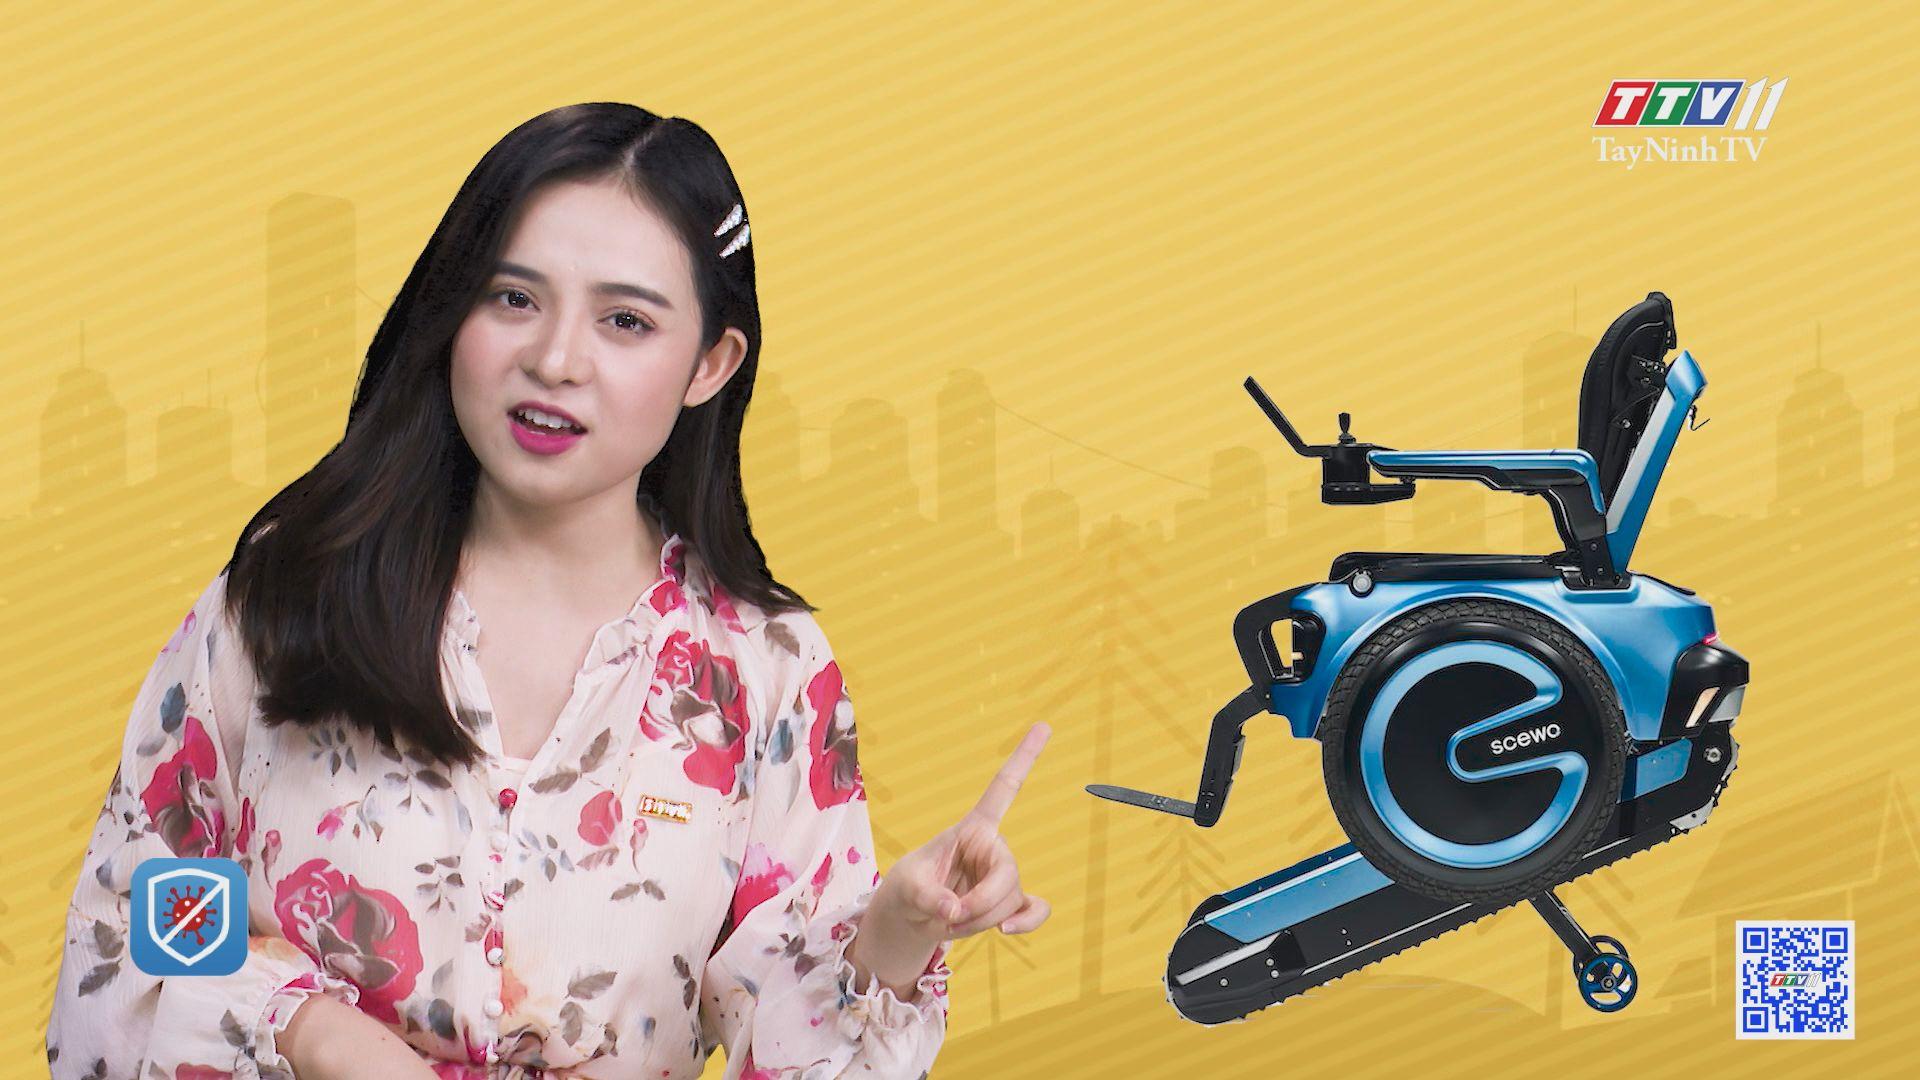 Xe lăn điện có thể leo cầu thang bộ | CHUYỆN ĐÔNG TÂY KỲ THÚ | TayNinhTV